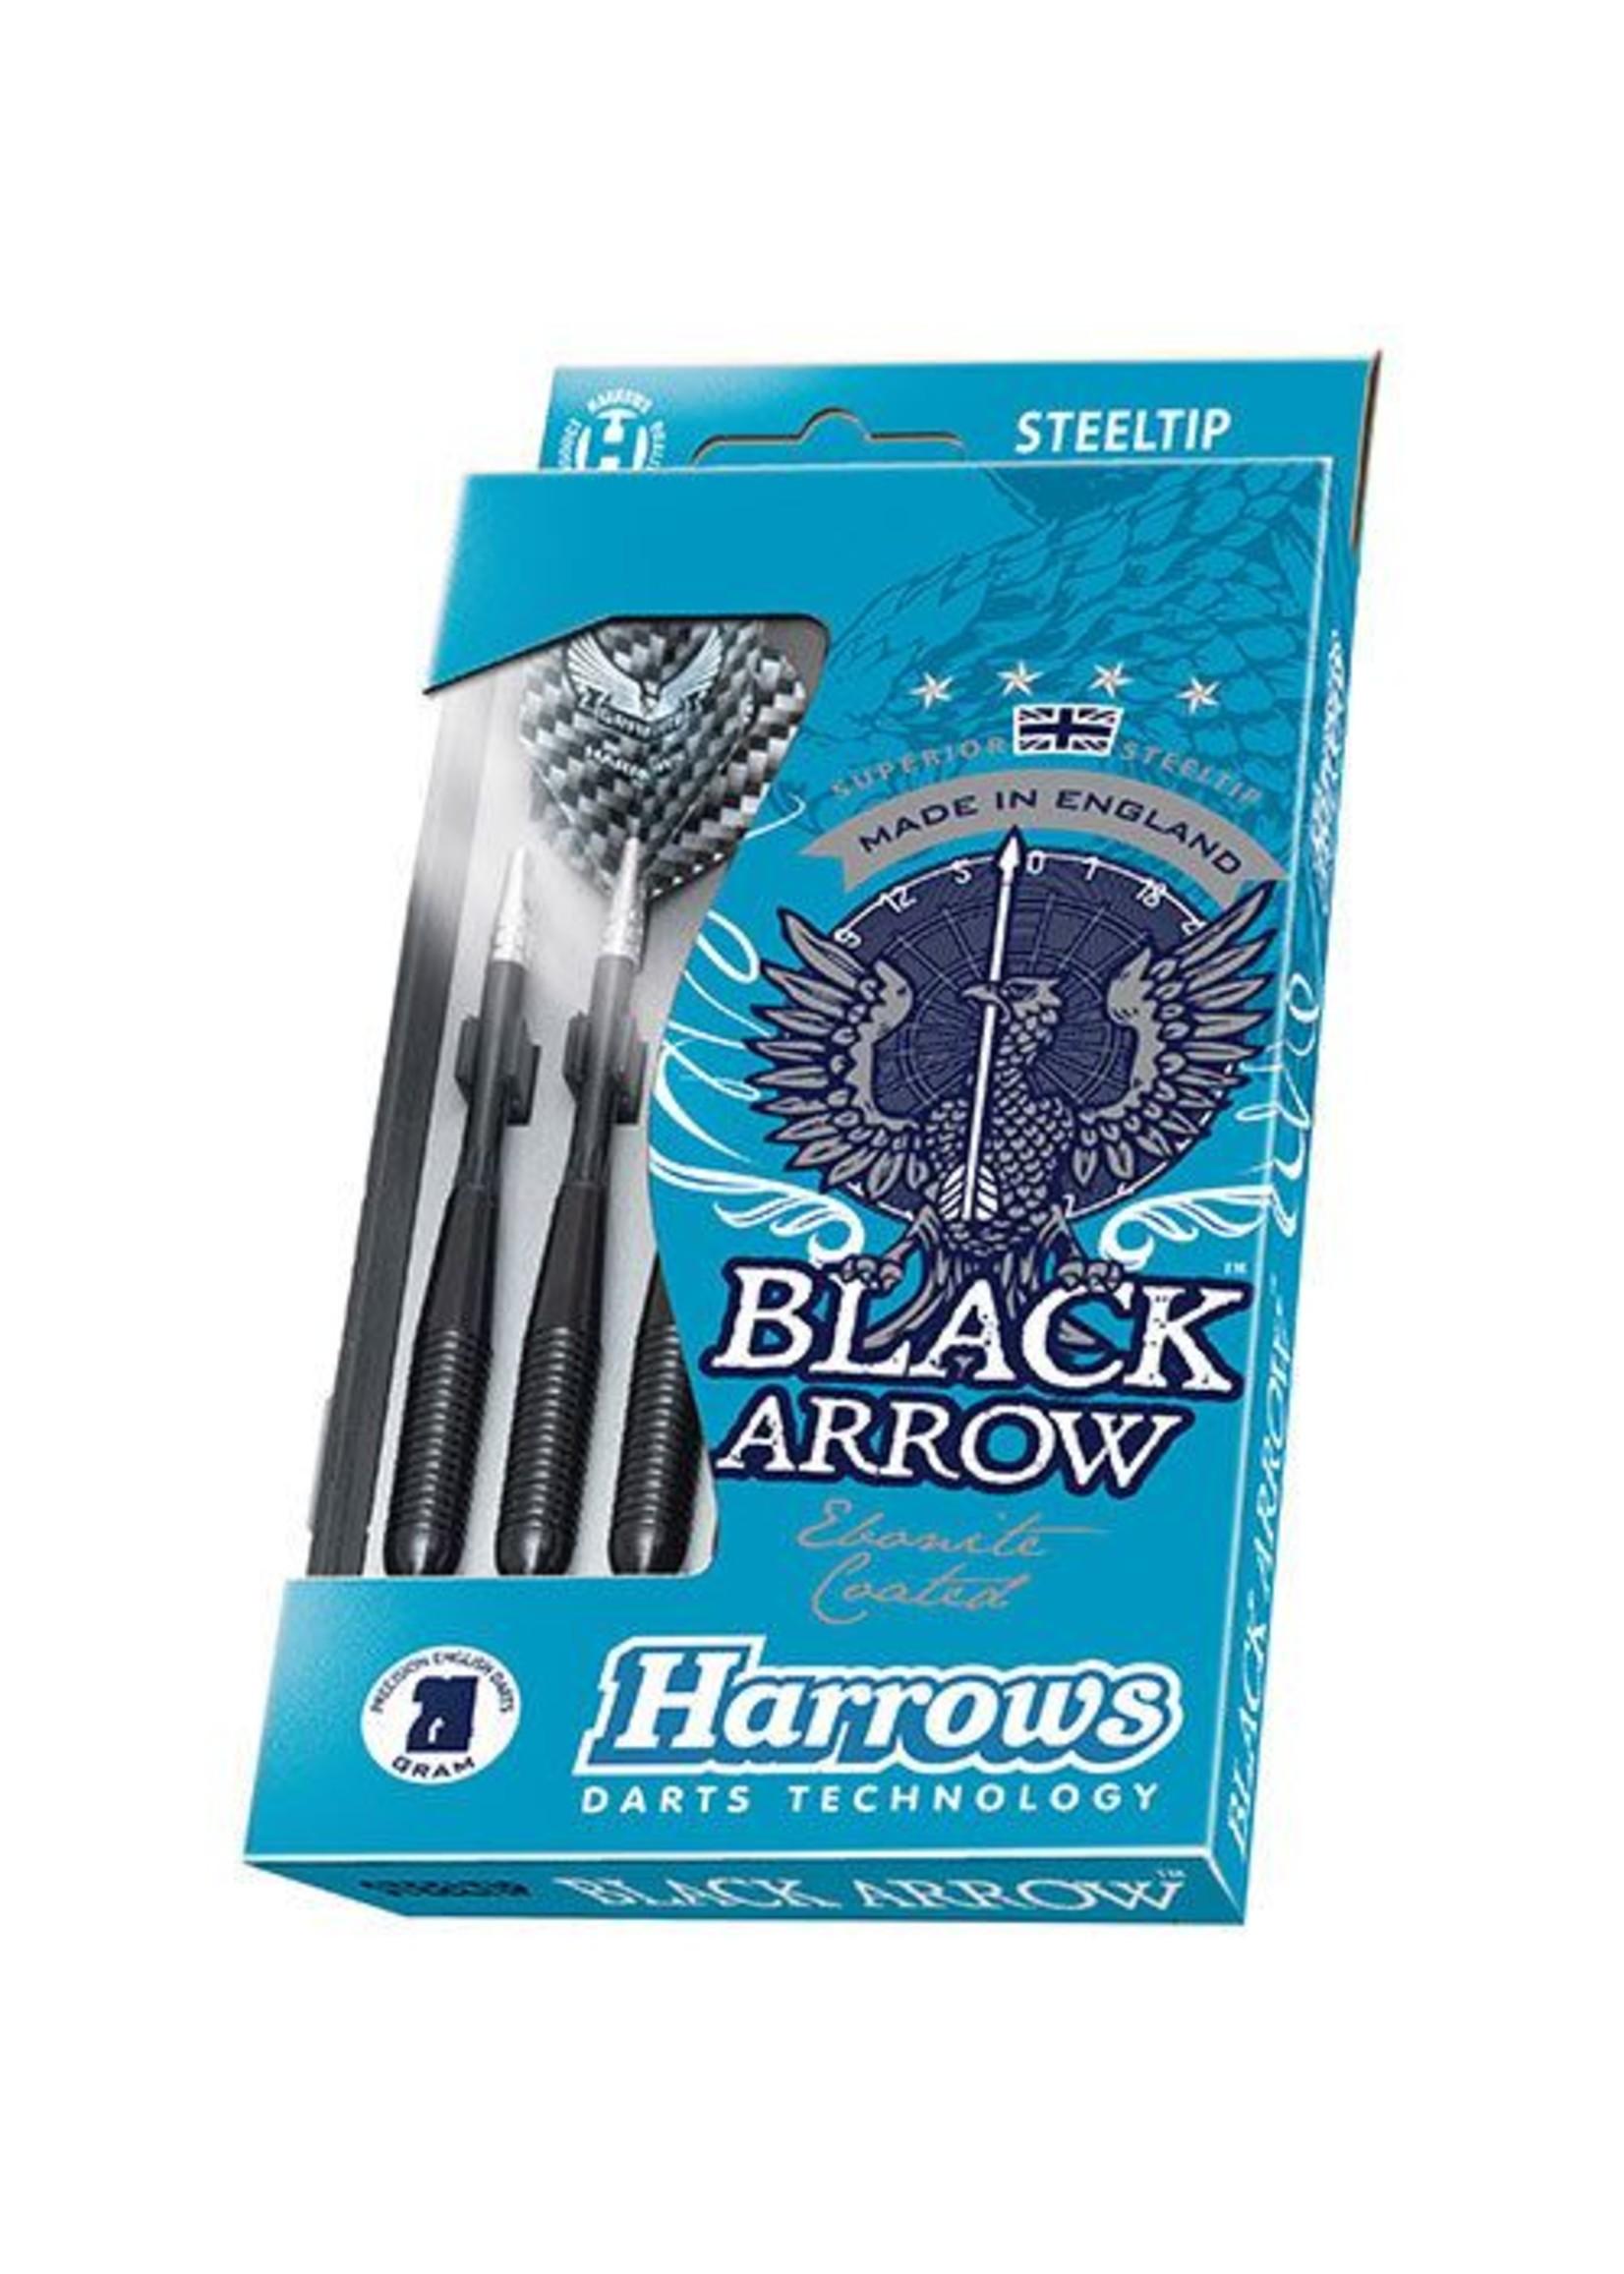 Harrows Harrows Dart Set - Black Arrow